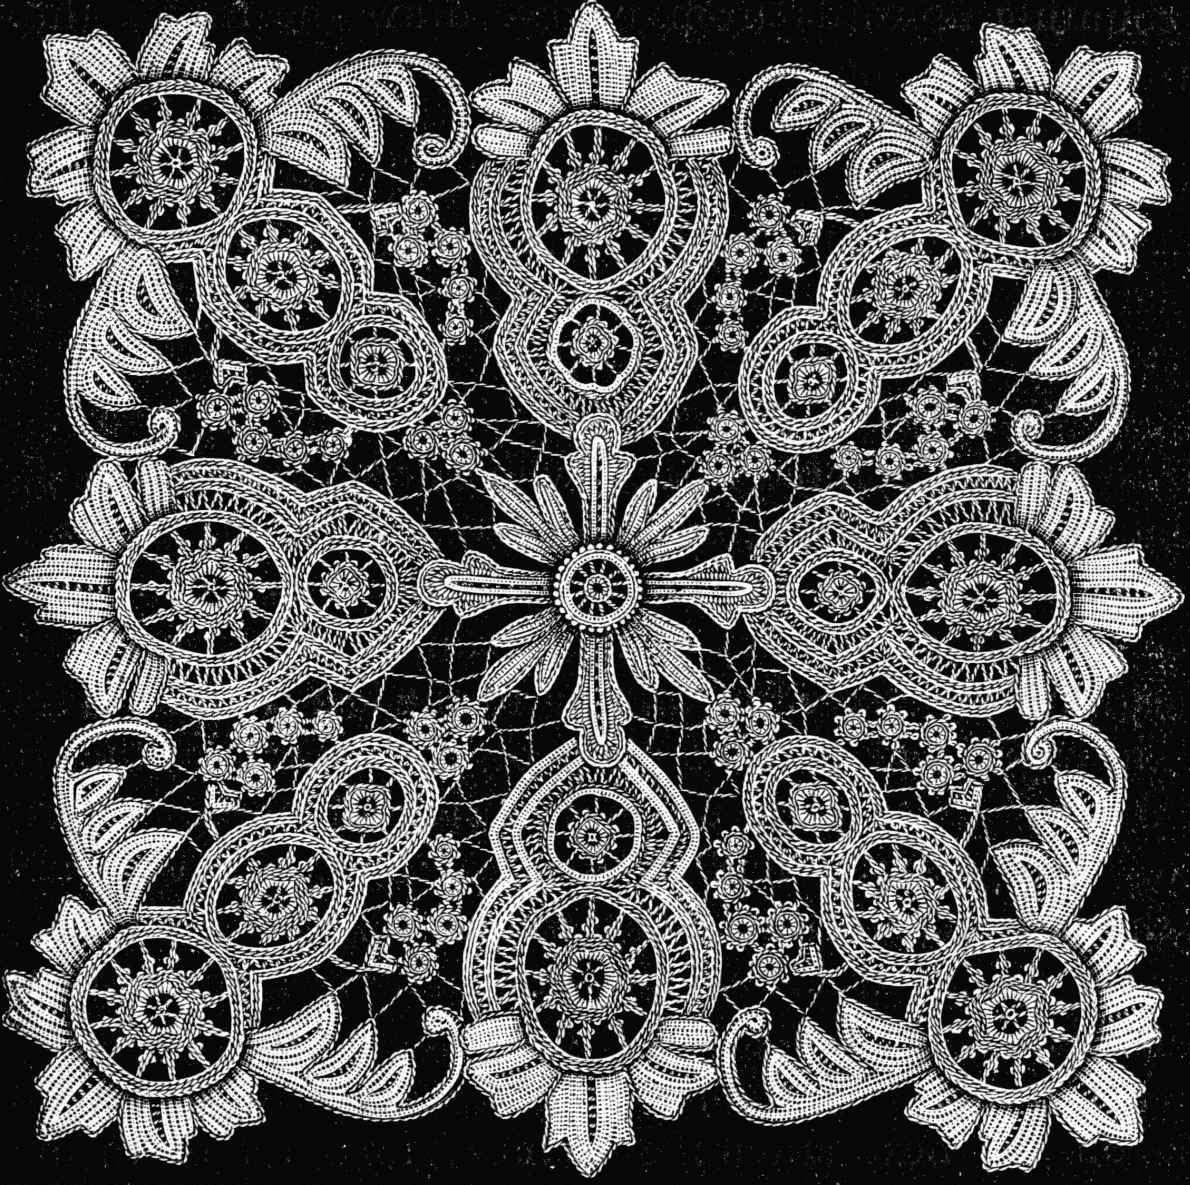 Google image result for http2bpspota1h7izj3lnc illustration crochet chair back pattern century bankloansurffo Gallery